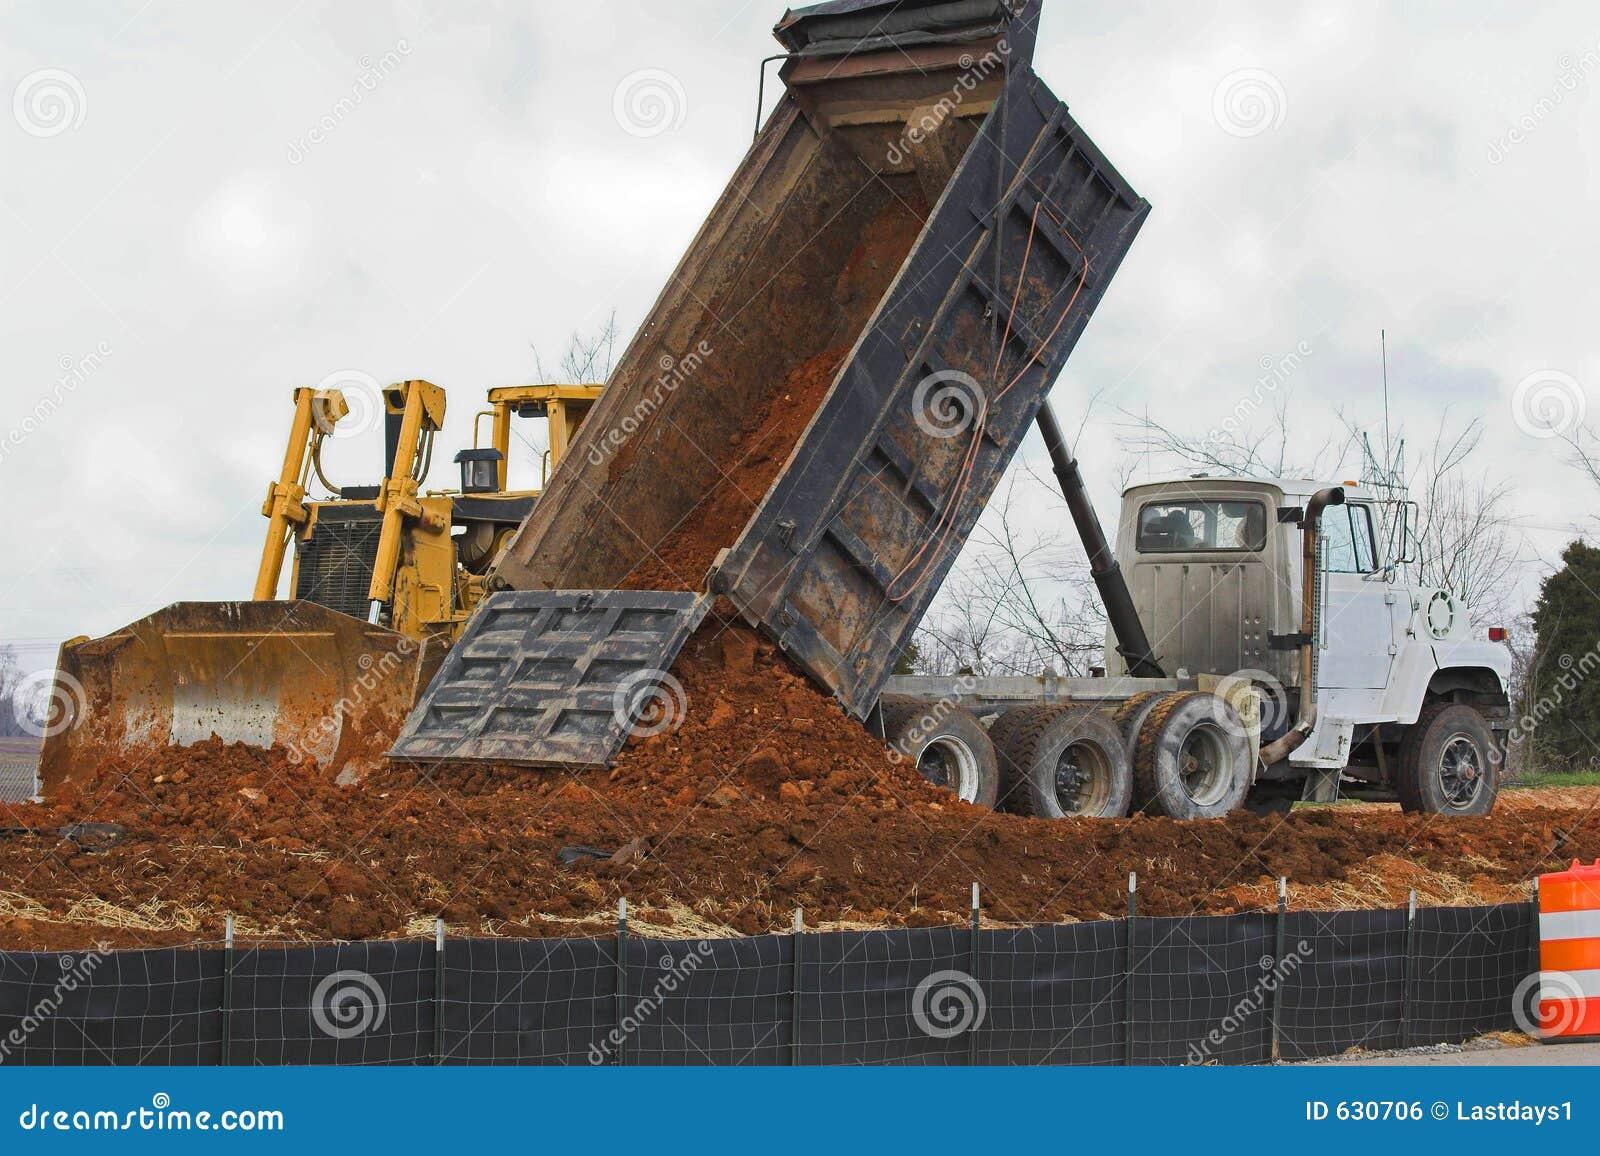 Drop more dirt